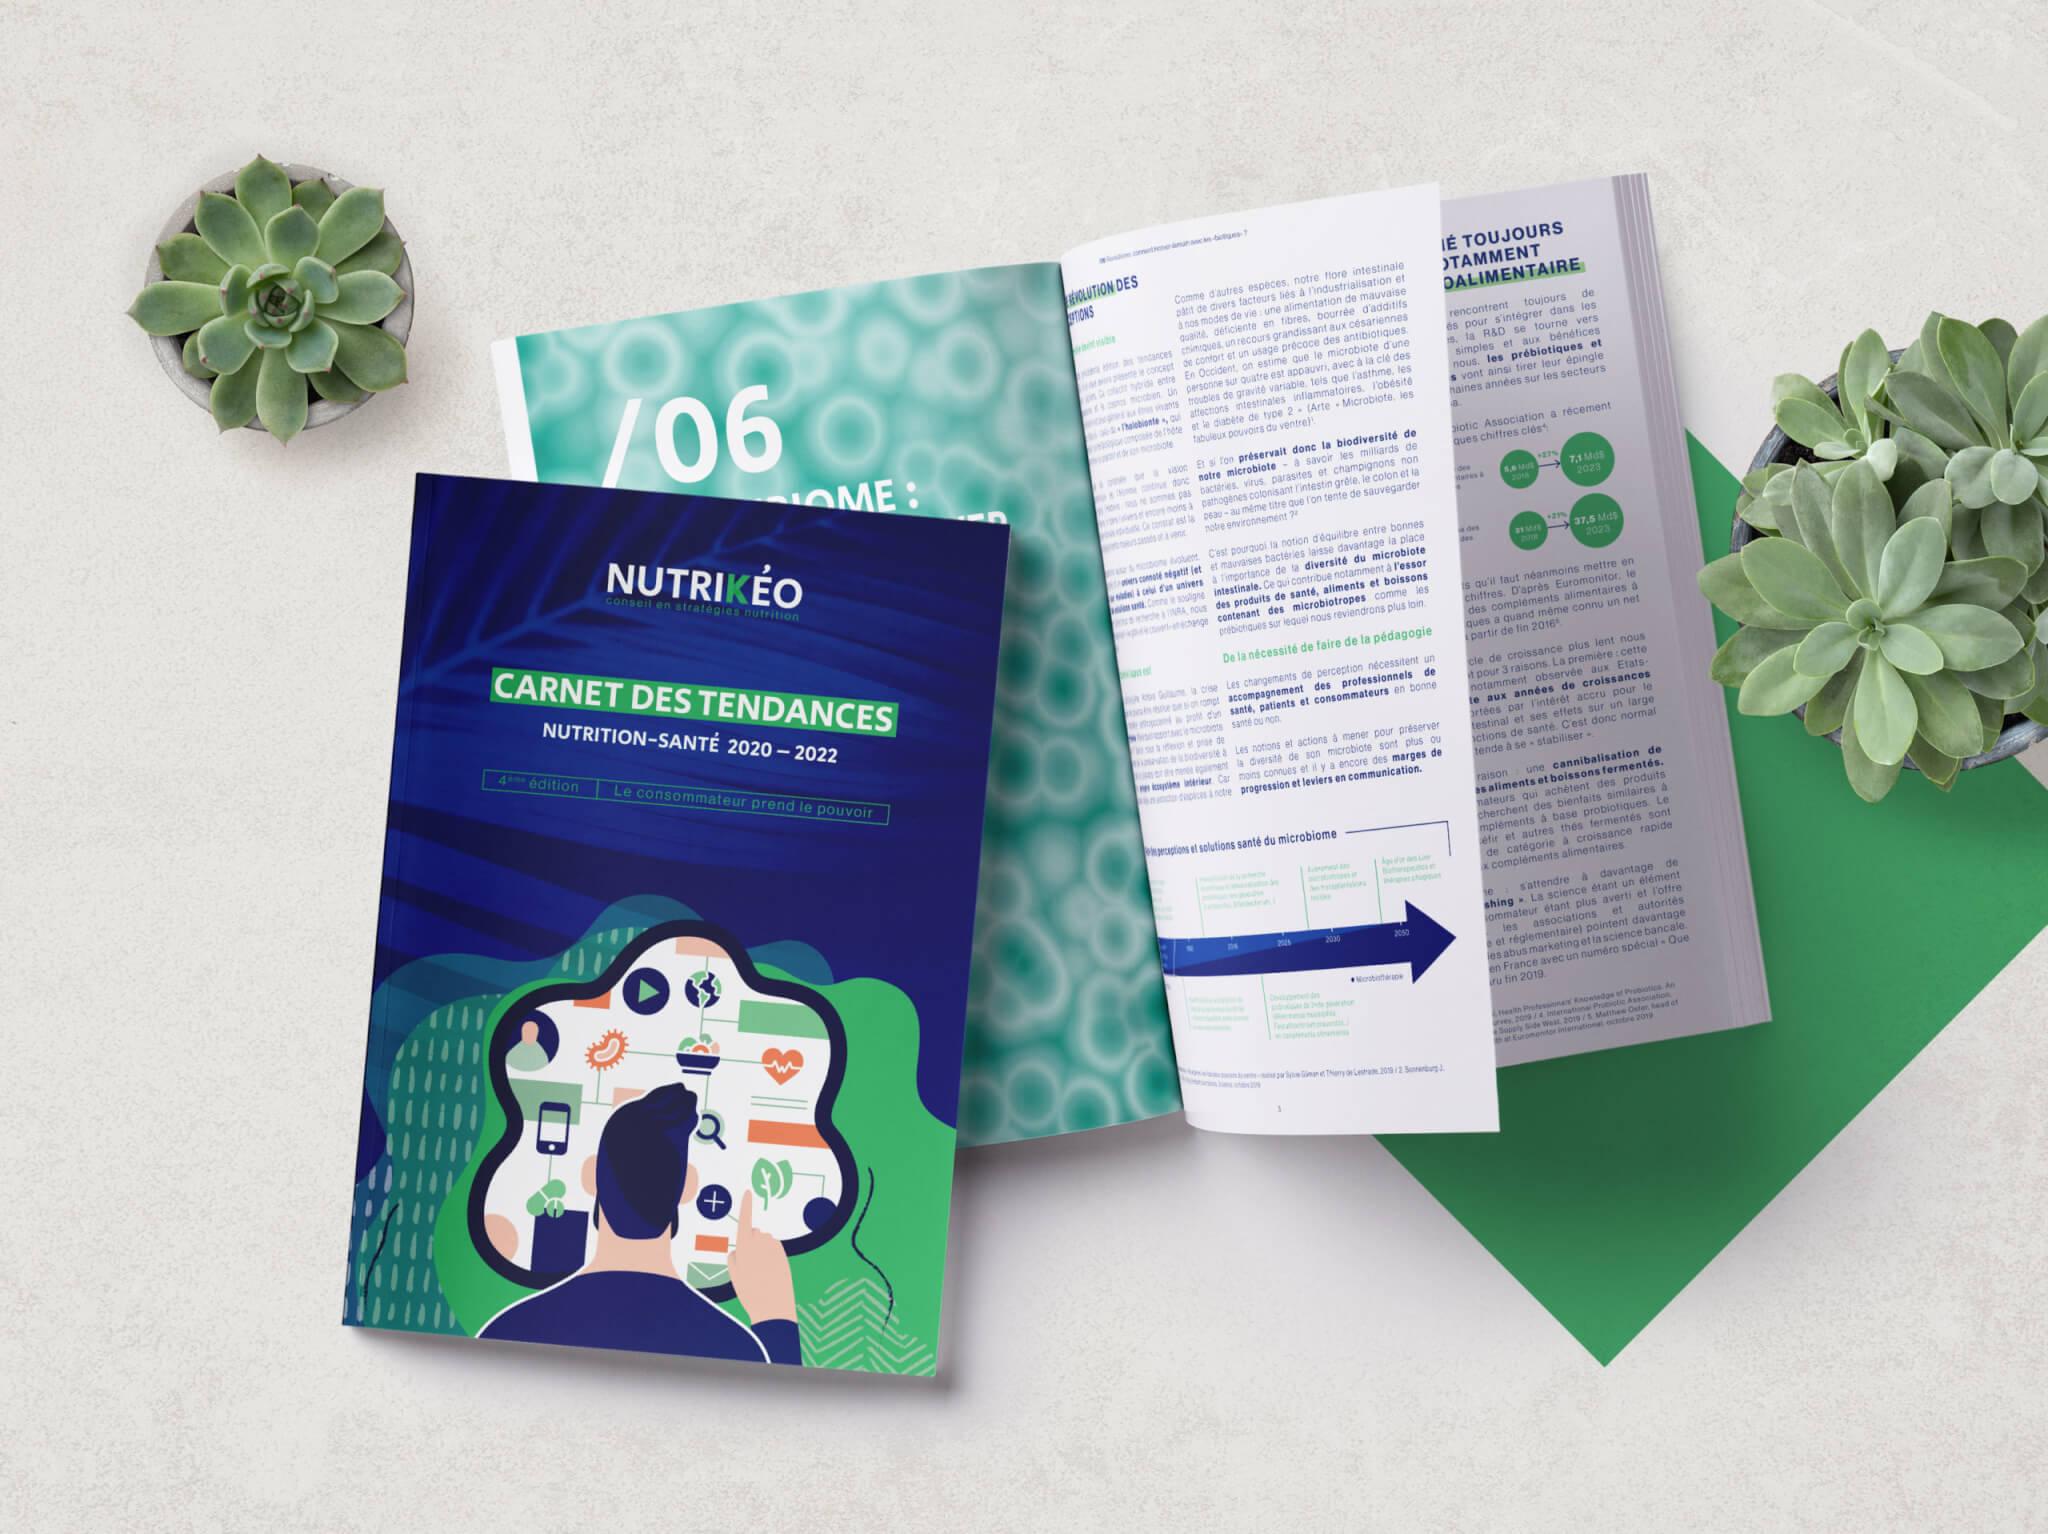 carnet des tendances nutrition-santé 2020